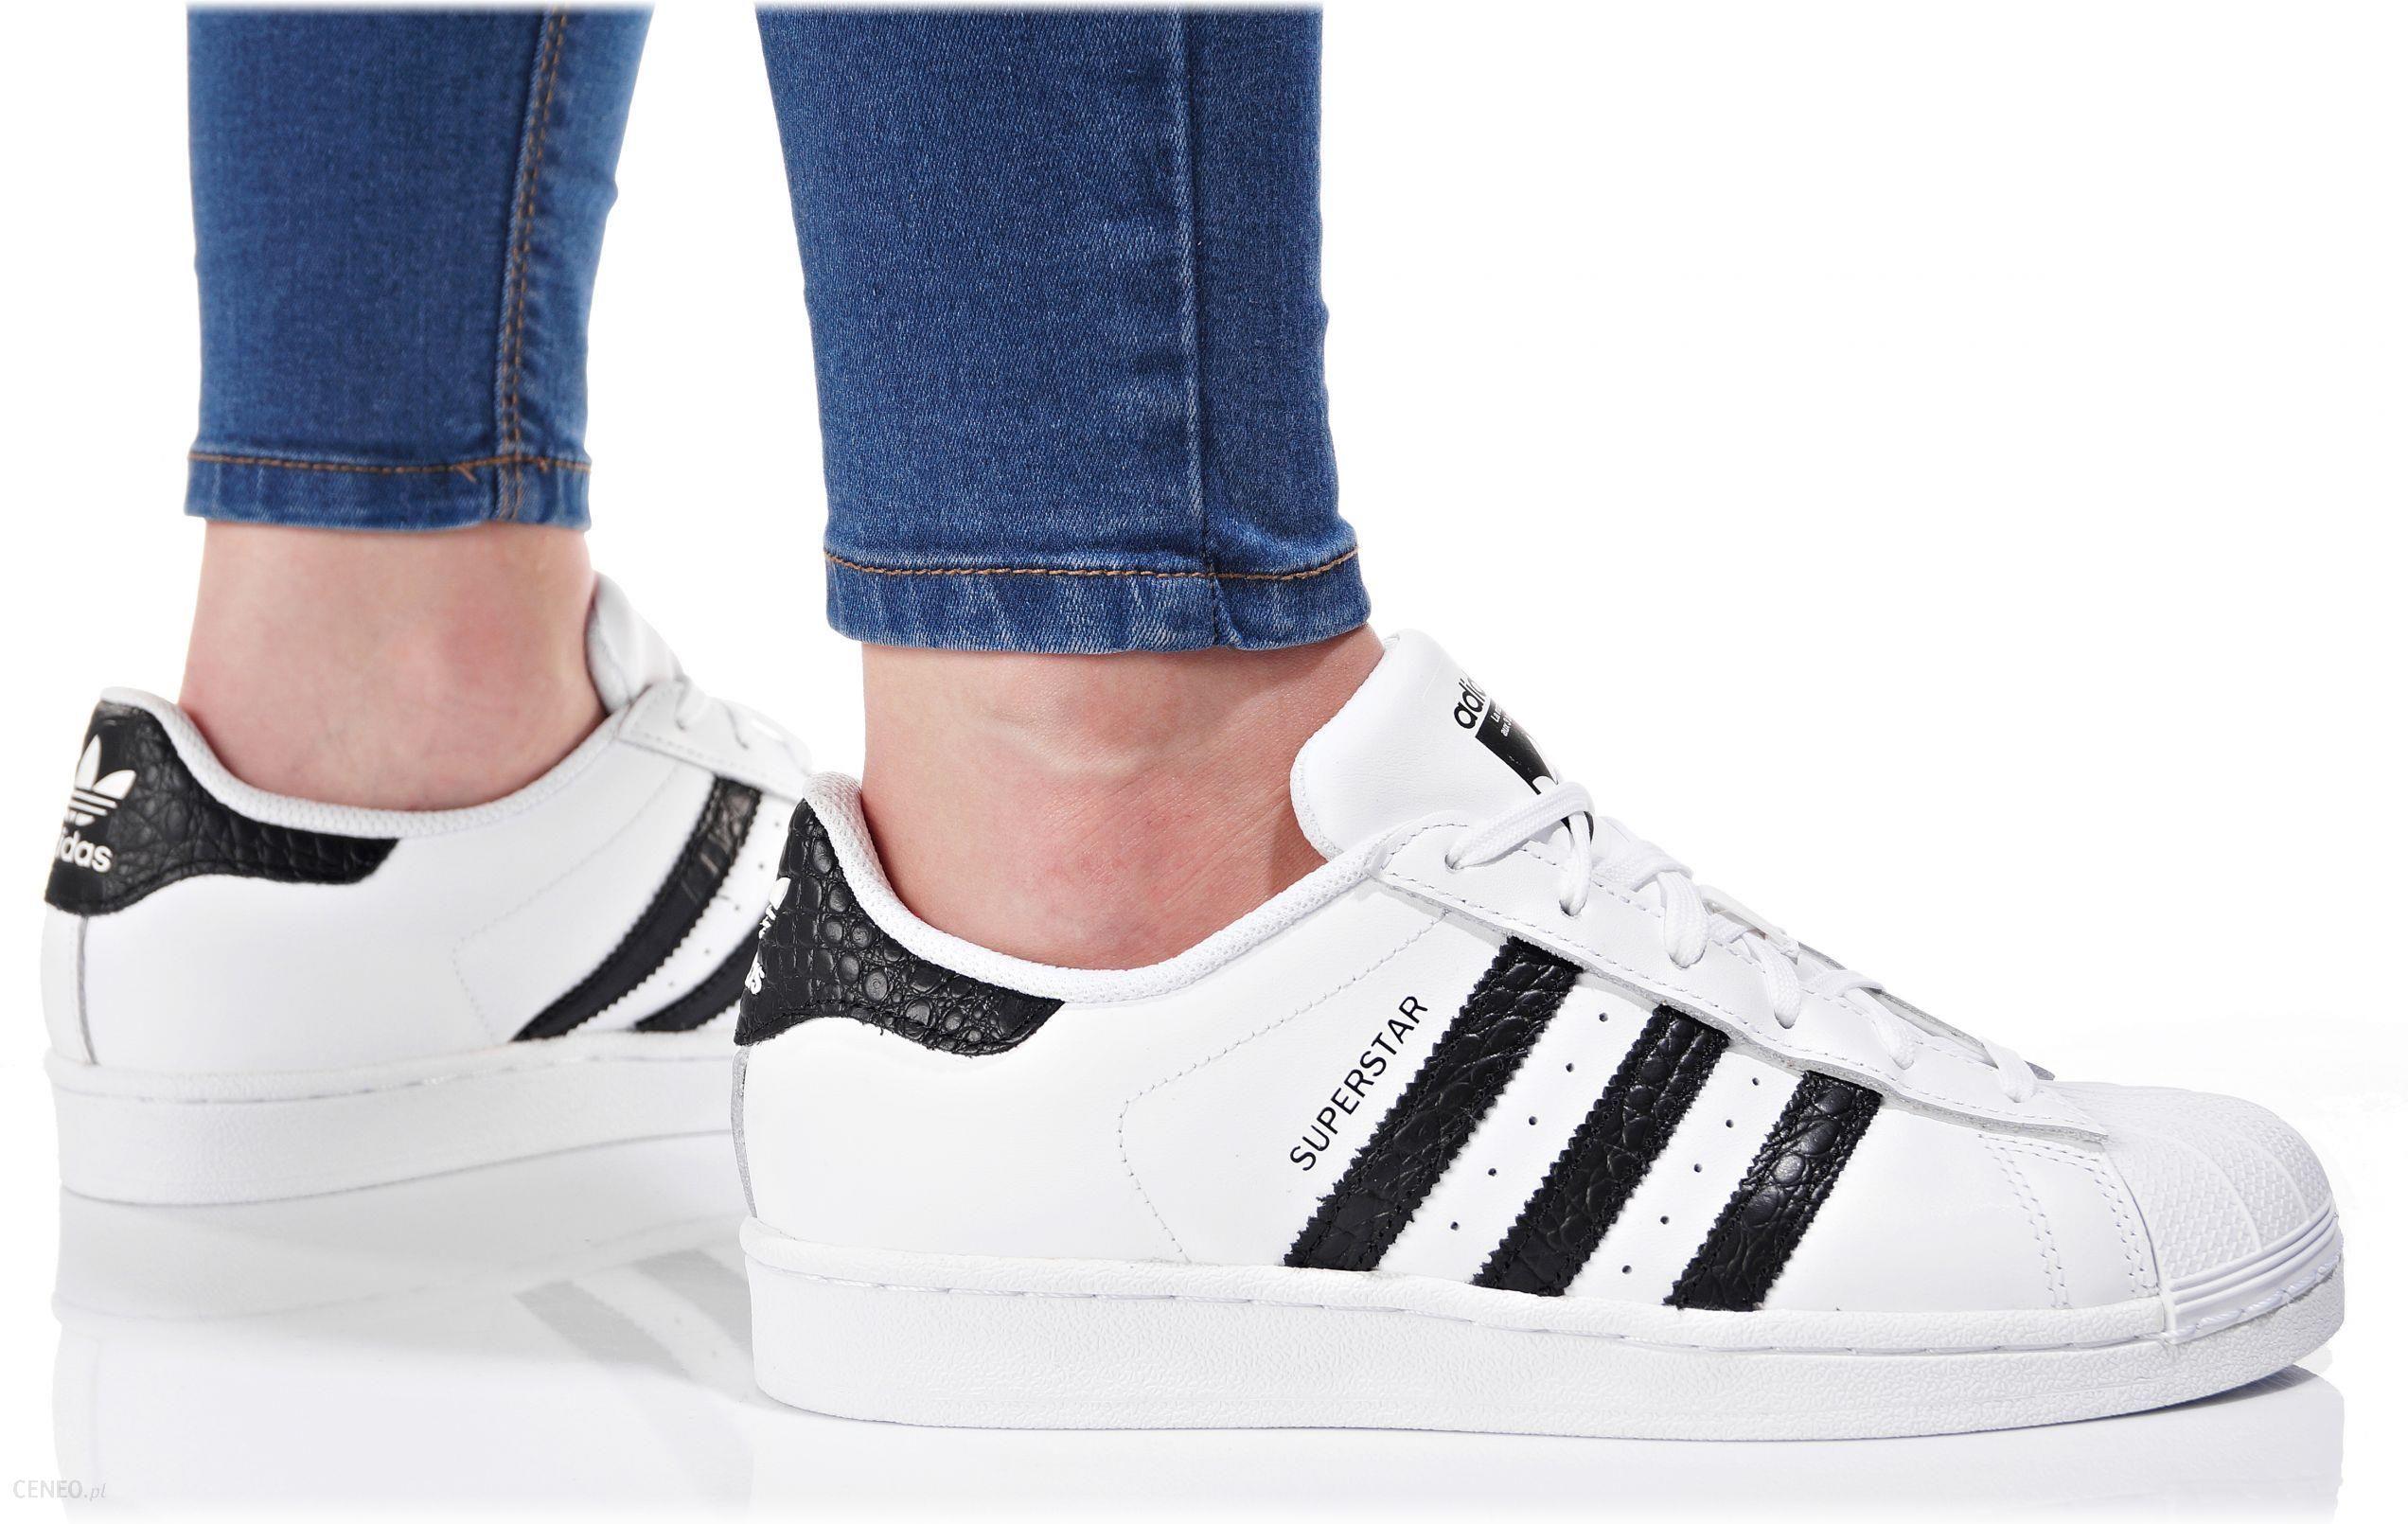 buty adidas superstar damskie biały